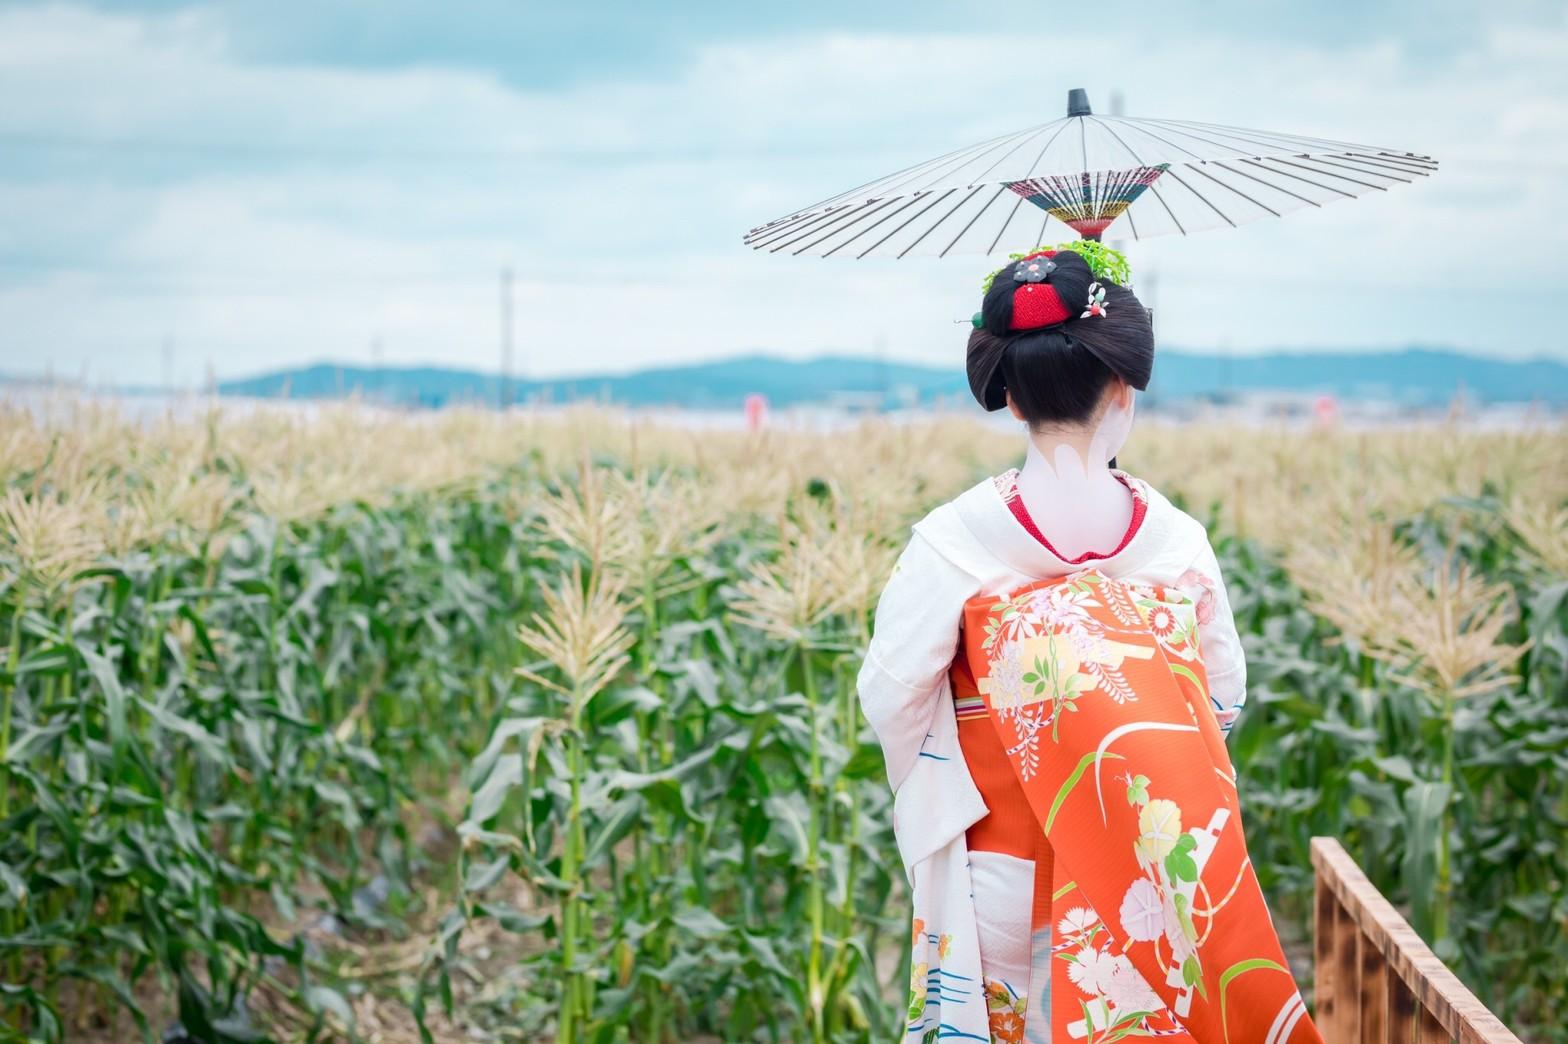 舞妓さんが収穫体験